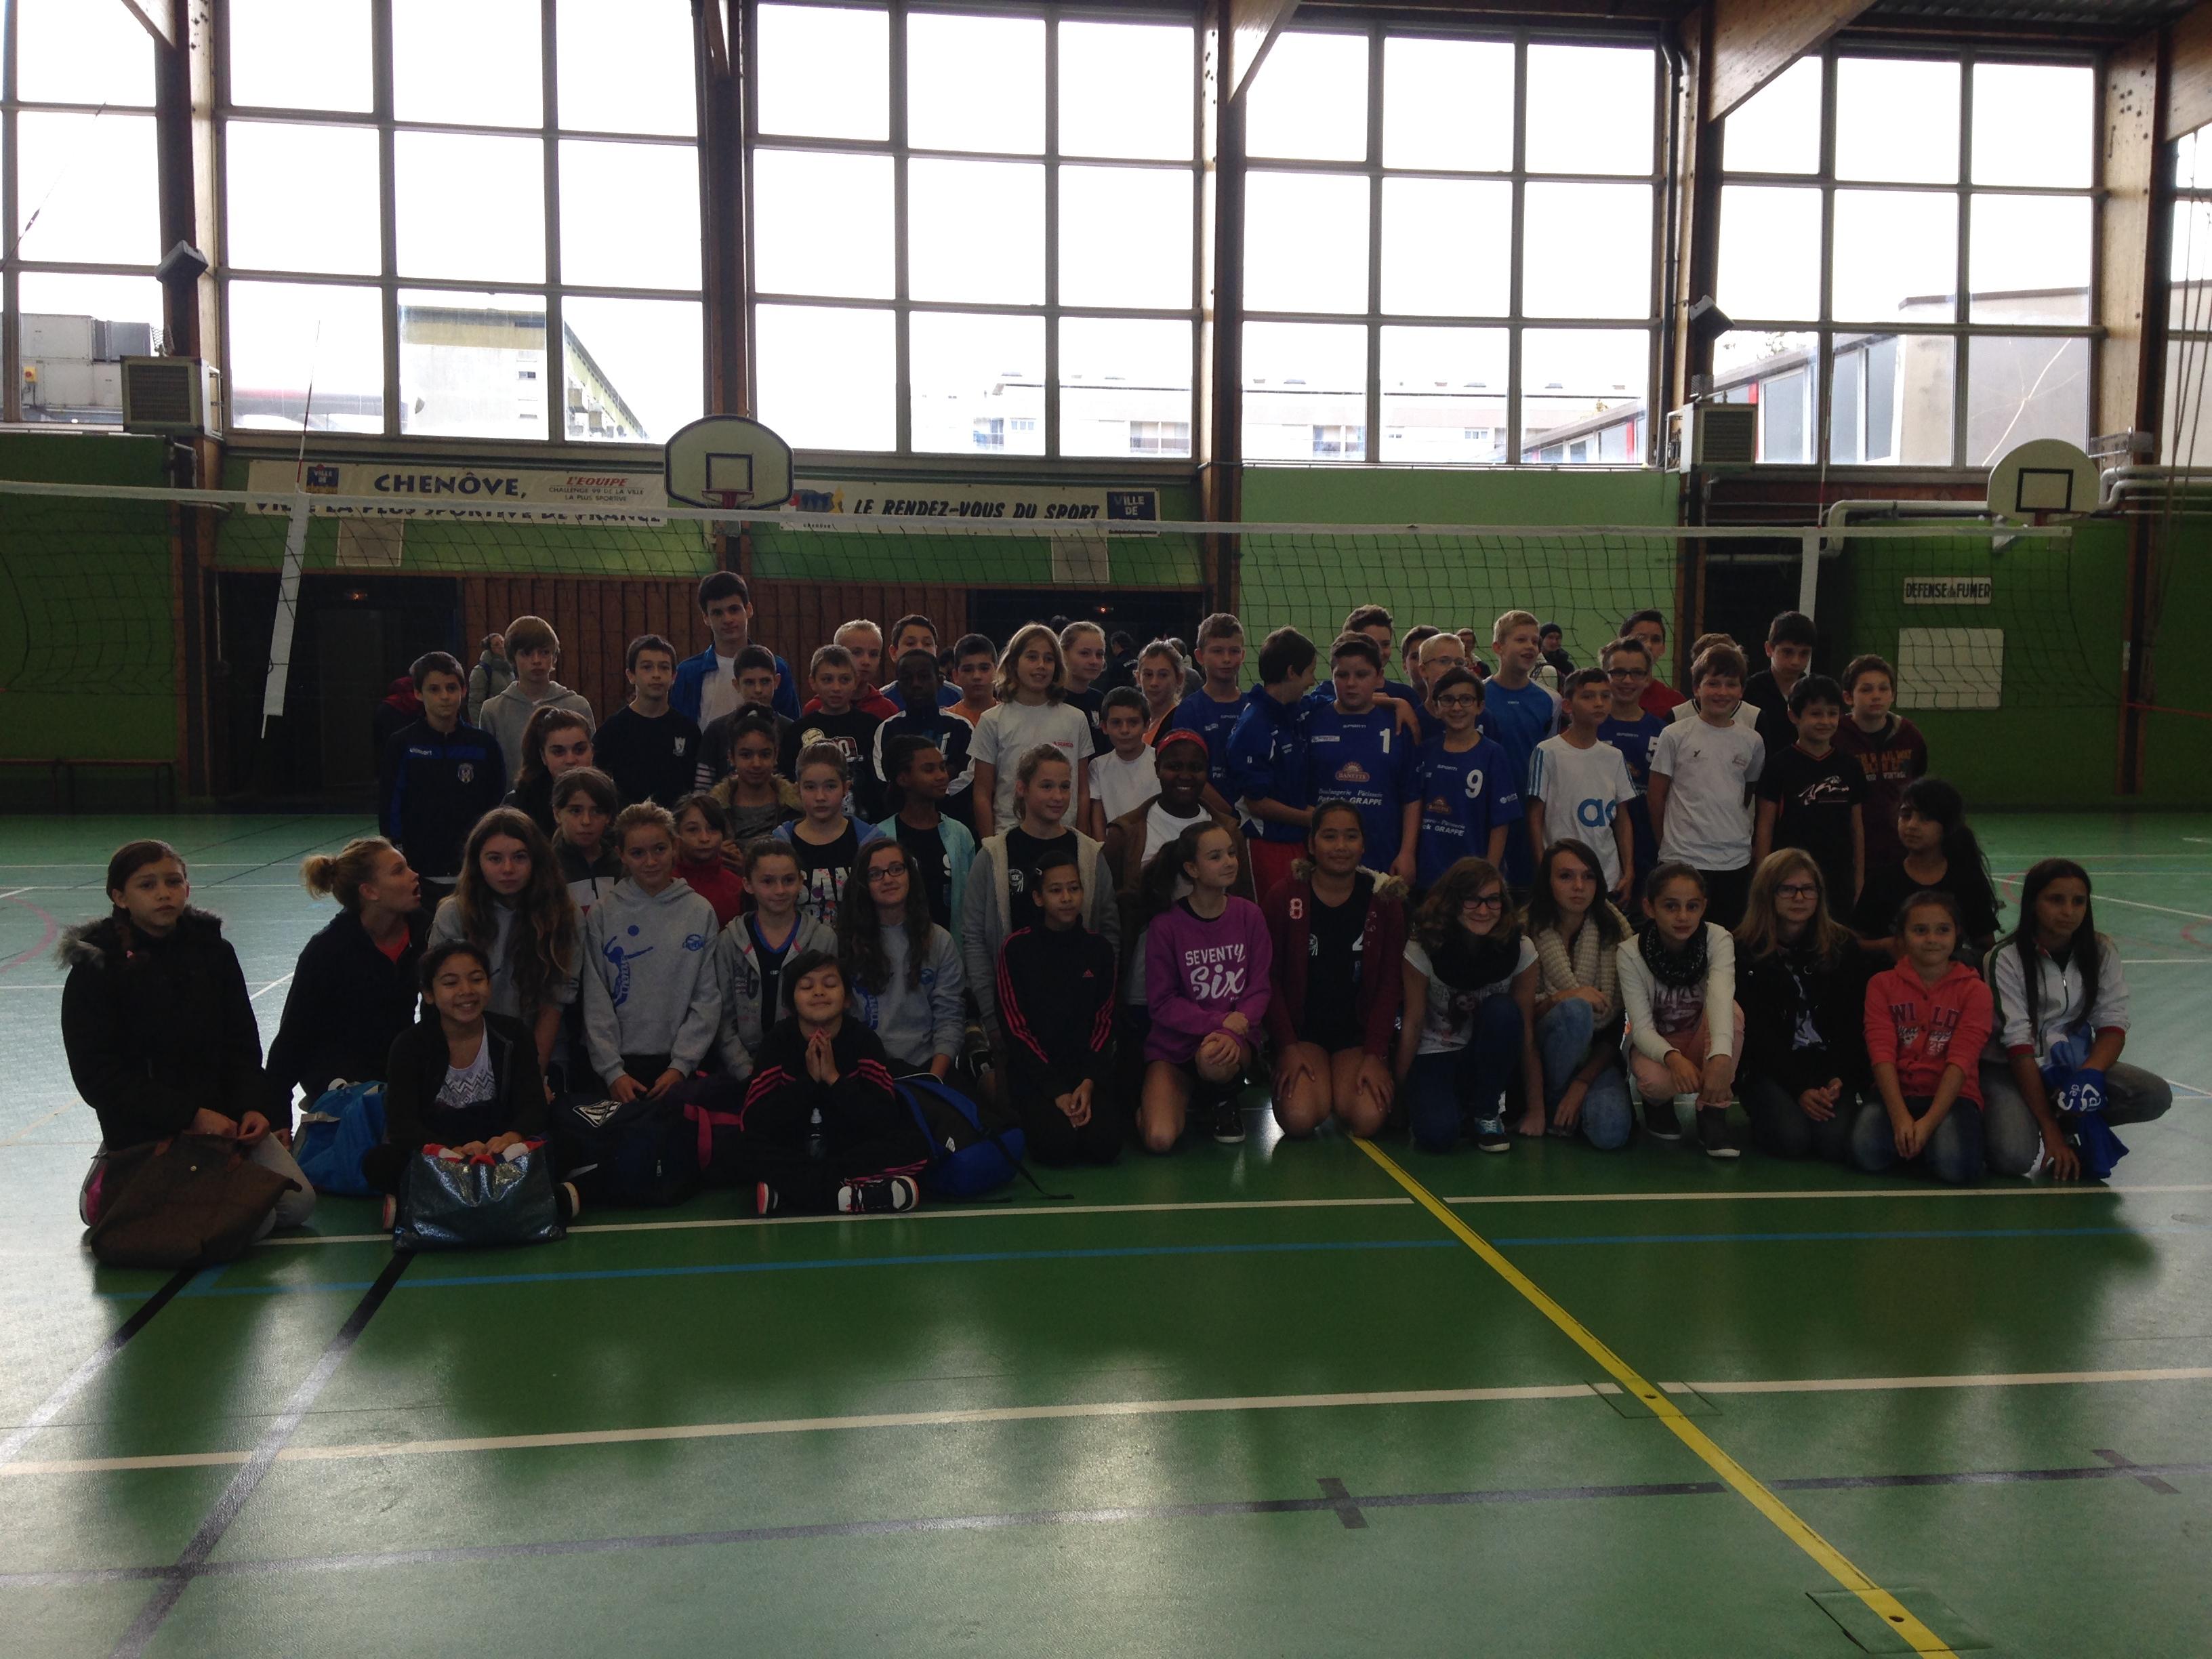 Une belle journ e pour les jeunes volleyeurs sport dijon - Ligue de bourgogne de tennis de table ...